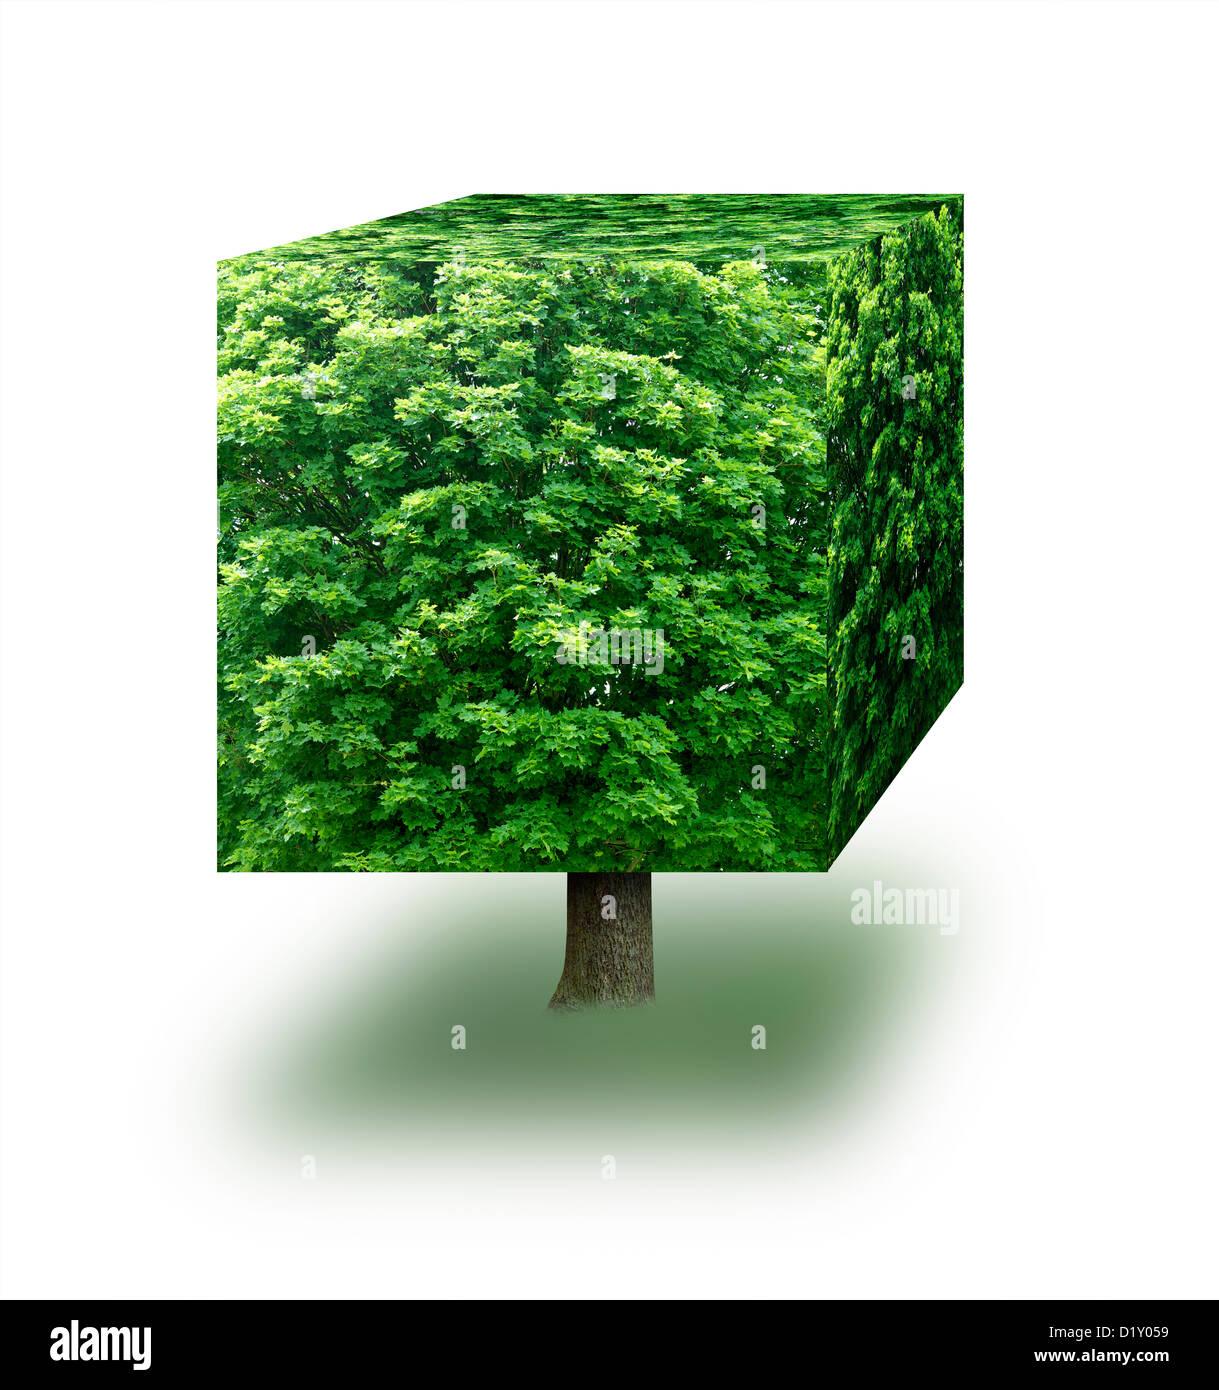 Cubo composto da un albero contro uno sfondo bianco Immagini Stock